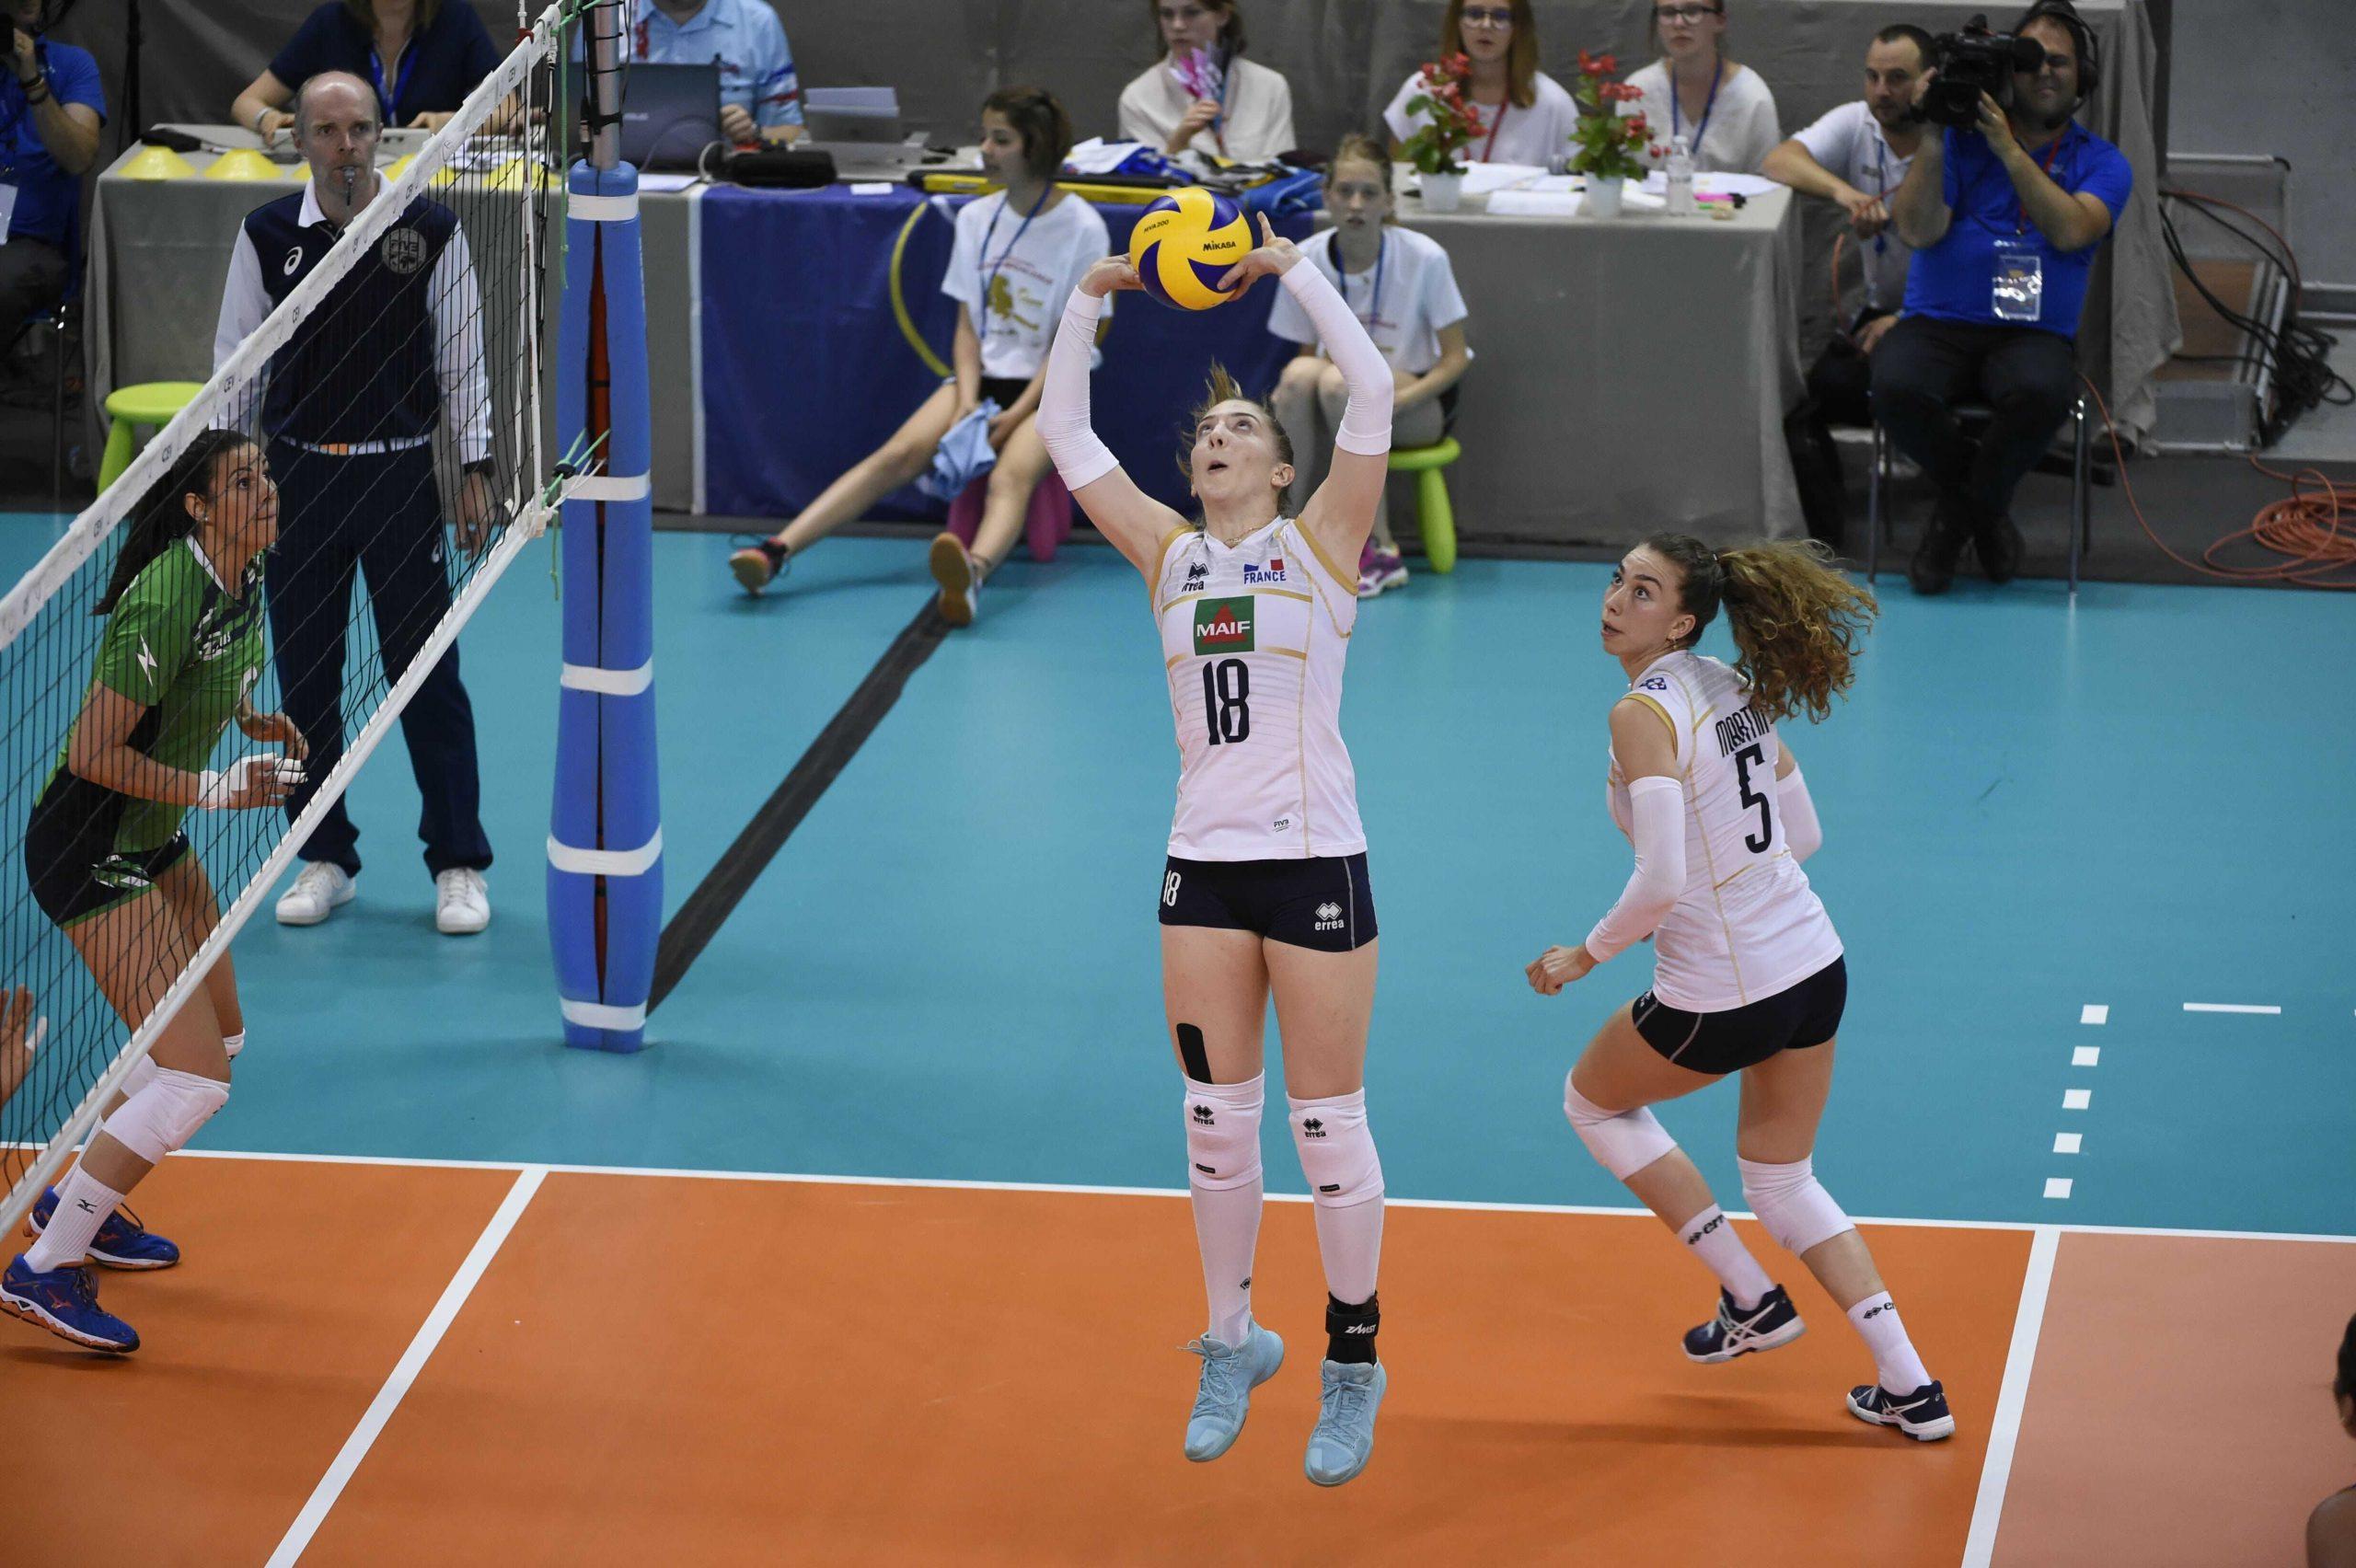 Volley : La France s'incline contre la Russie